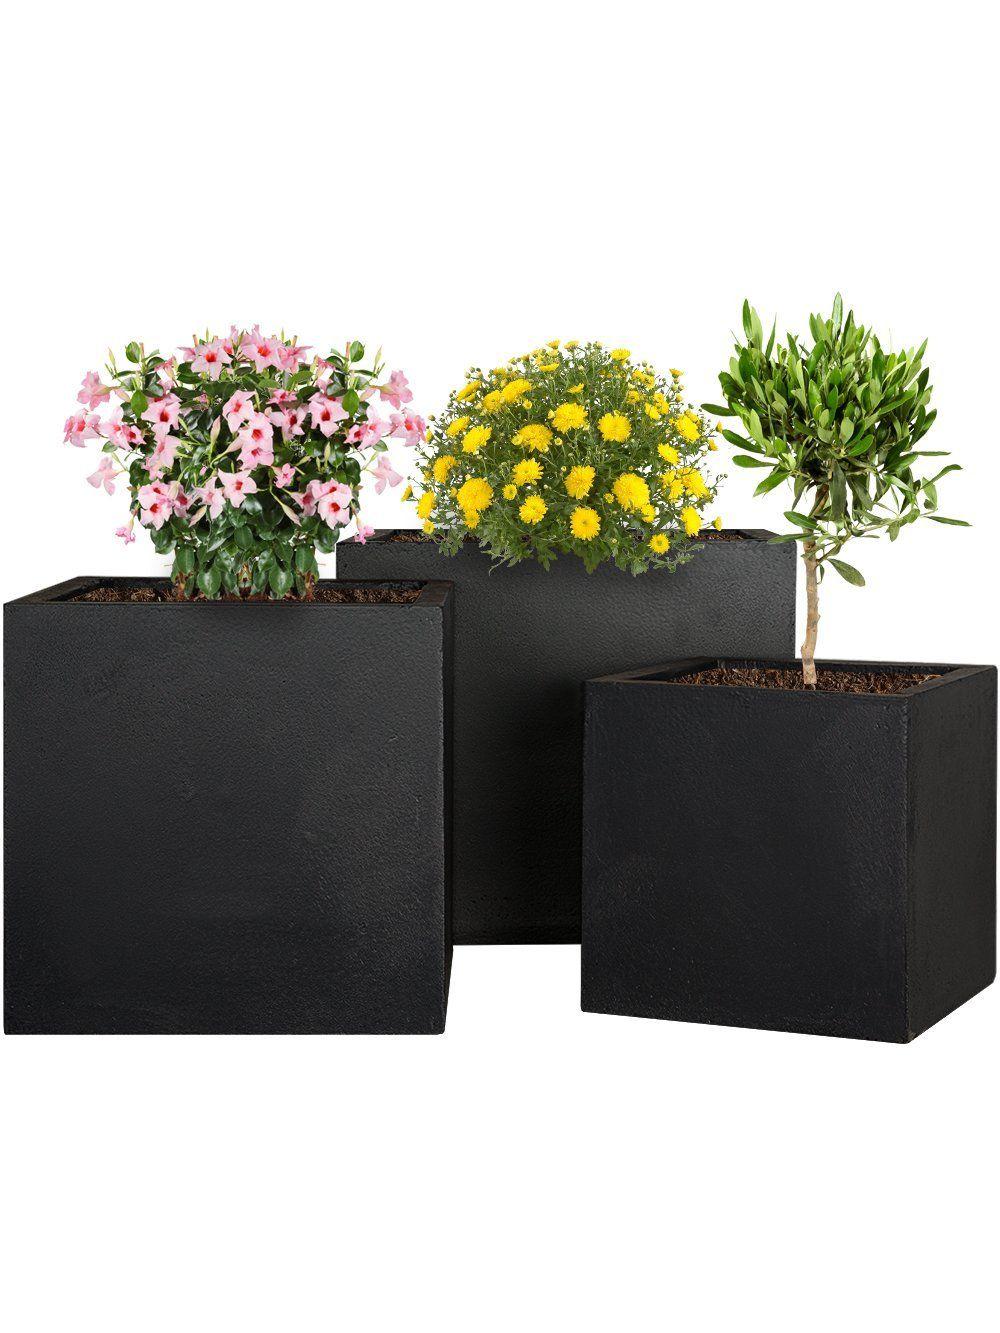 pflanzwerk pflanzk bel fiberglas cube anthrazit 3er set 23cm 28cm 34cm frostbest ndig uv. Black Bedroom Furniture Sets. Home Design Ideas